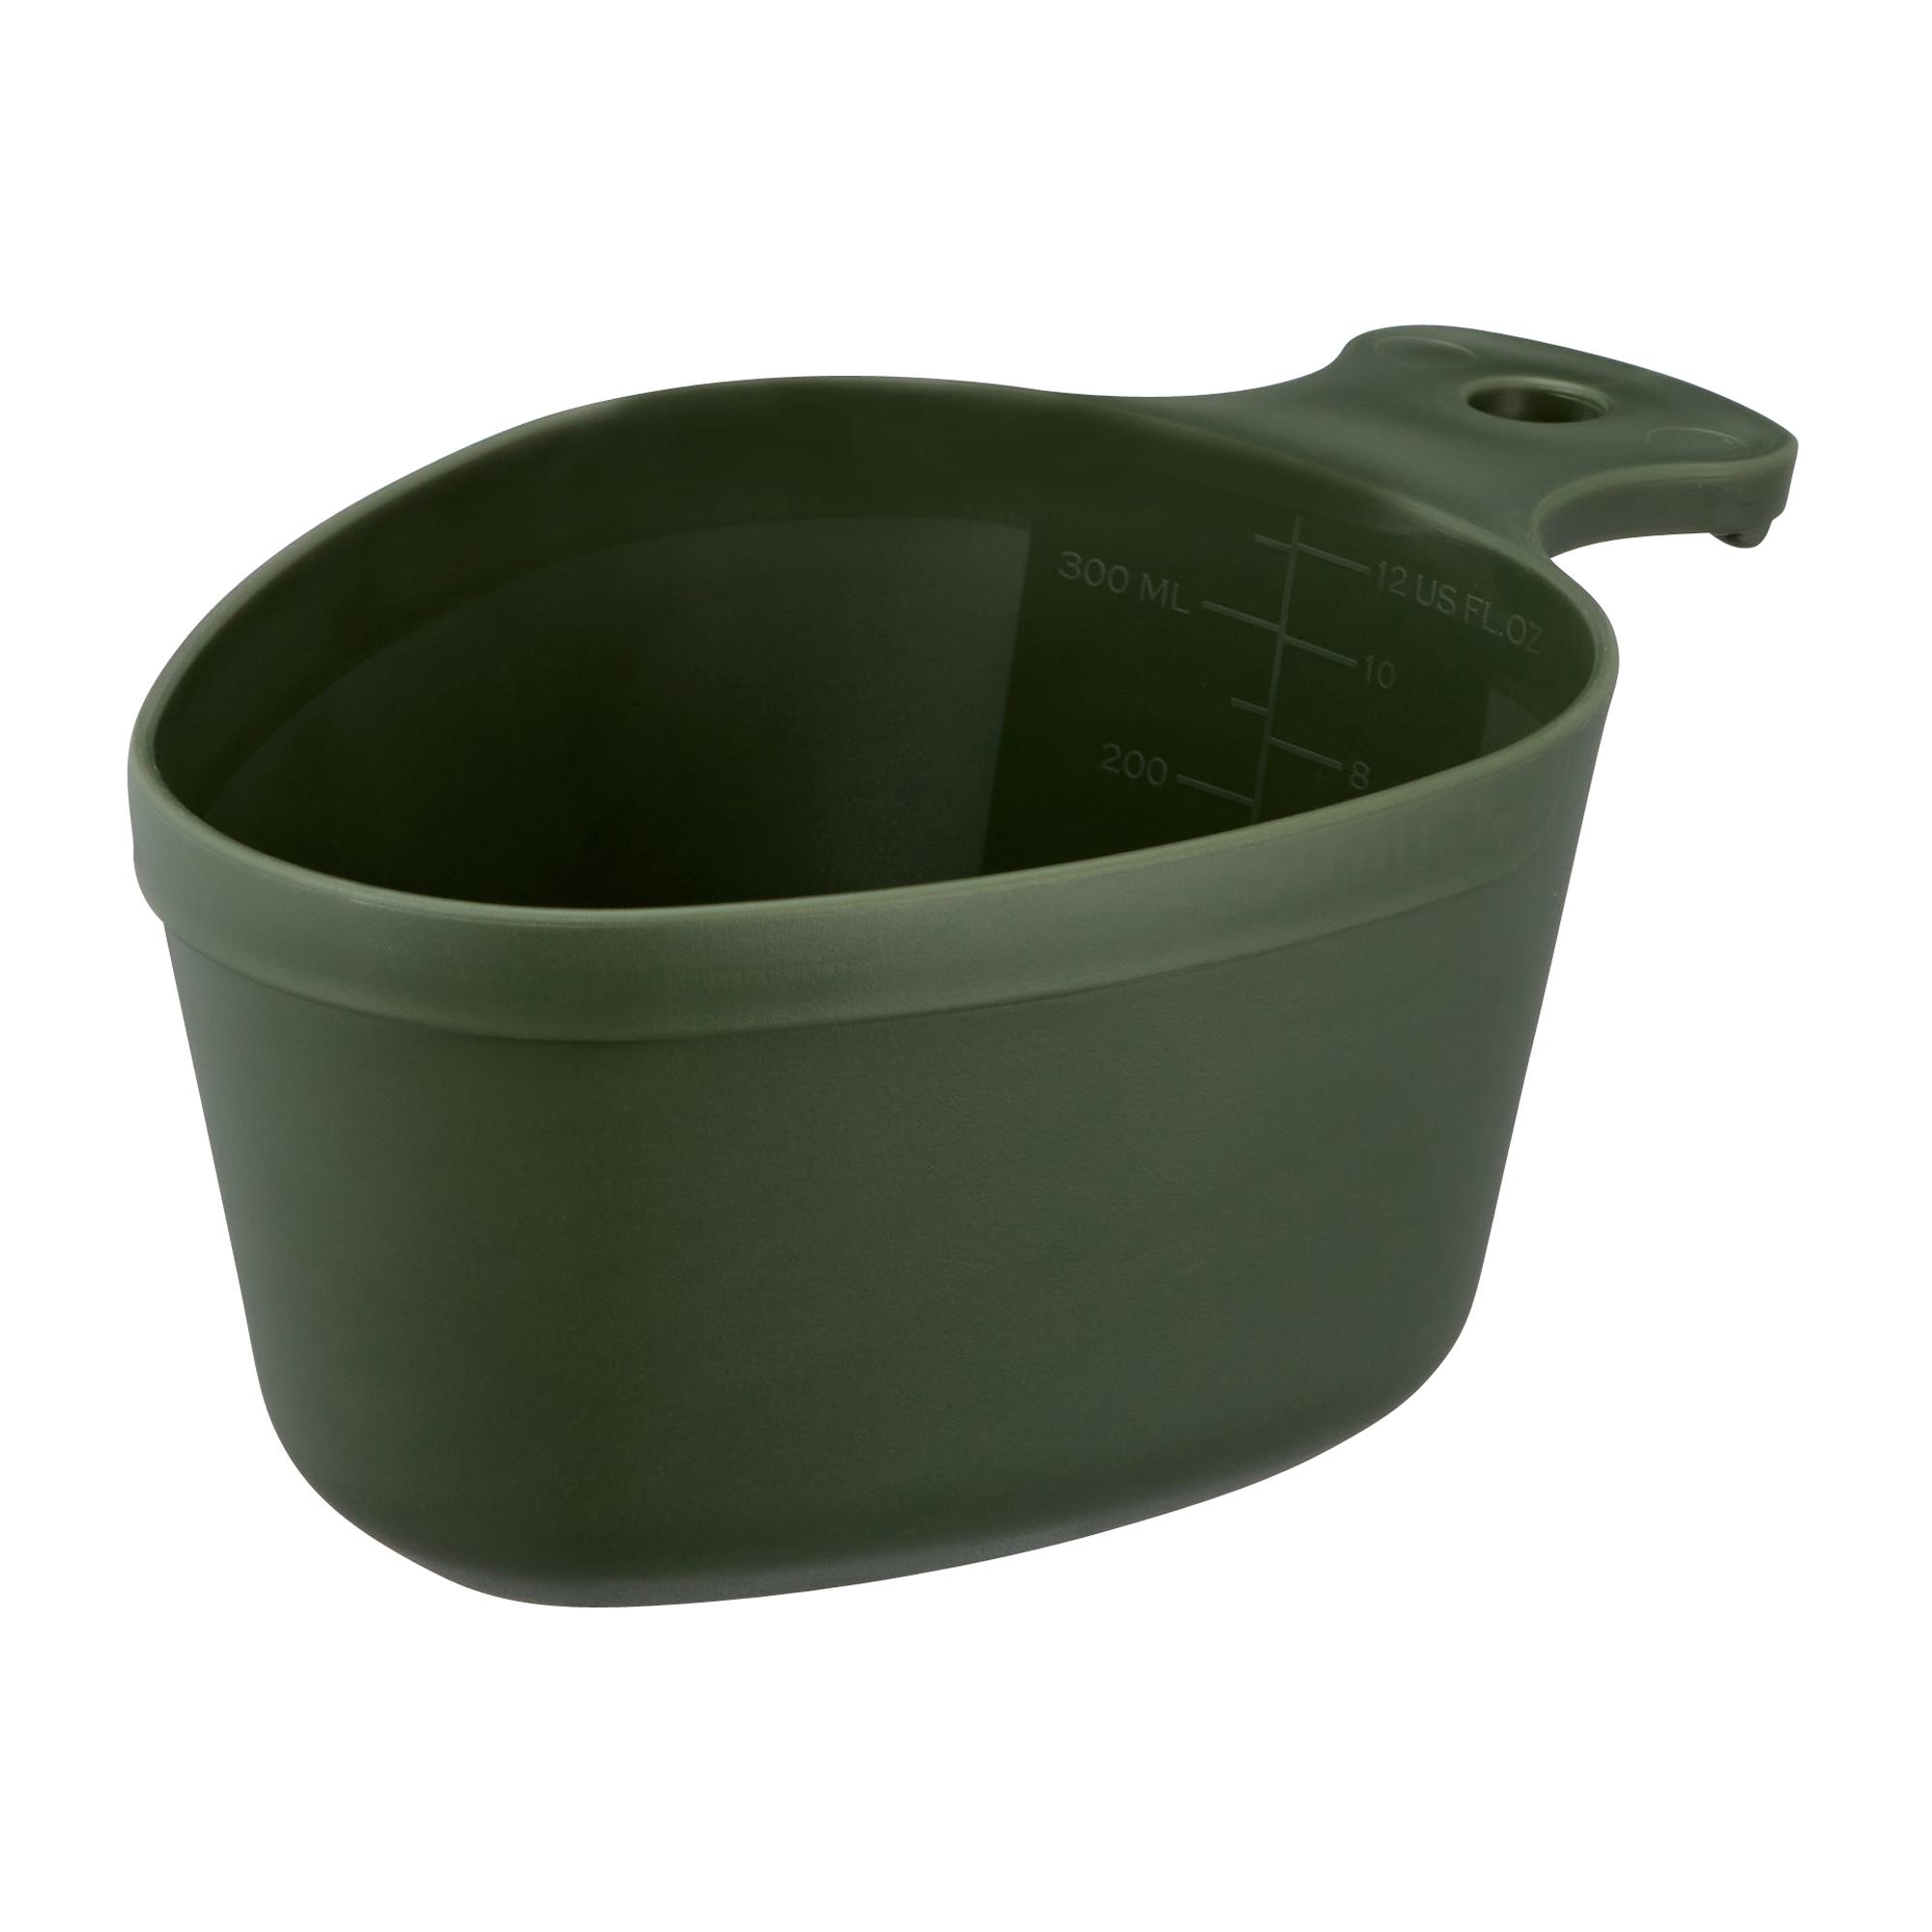 Schwedische Tasse Army Cup oliv